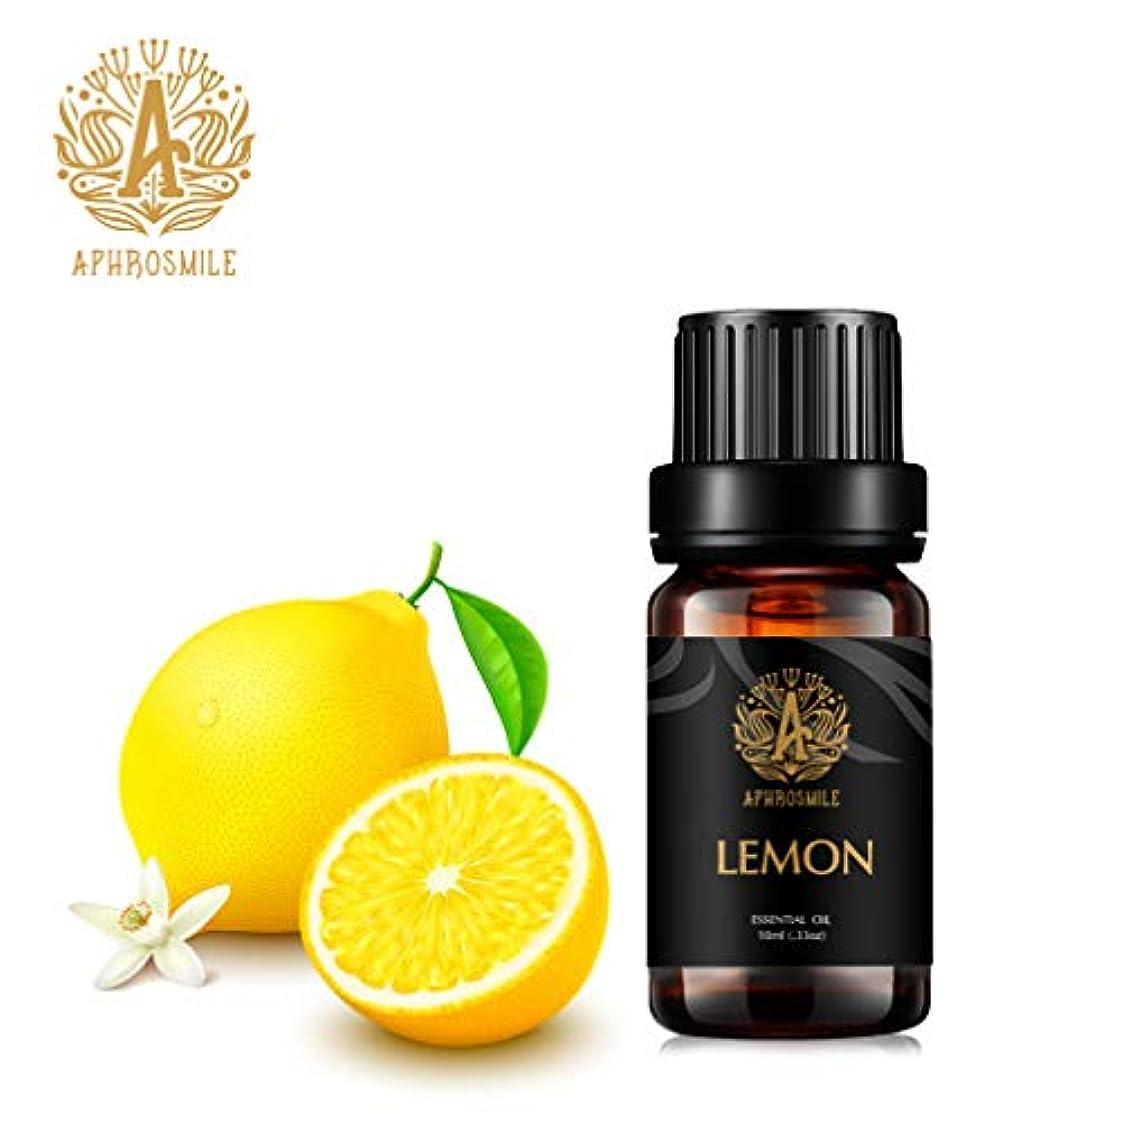 正当な終了しました量レモン精油、100%純粋なアロマセラピーエッセンシャルオイルレモンの香り、クレンジングとし、空気を浄化します、治療用グレードエッセンシャルオイルレモンの香り為にディフューザー、マッサージ、加湿器、デイリーケア、0.33オンス...